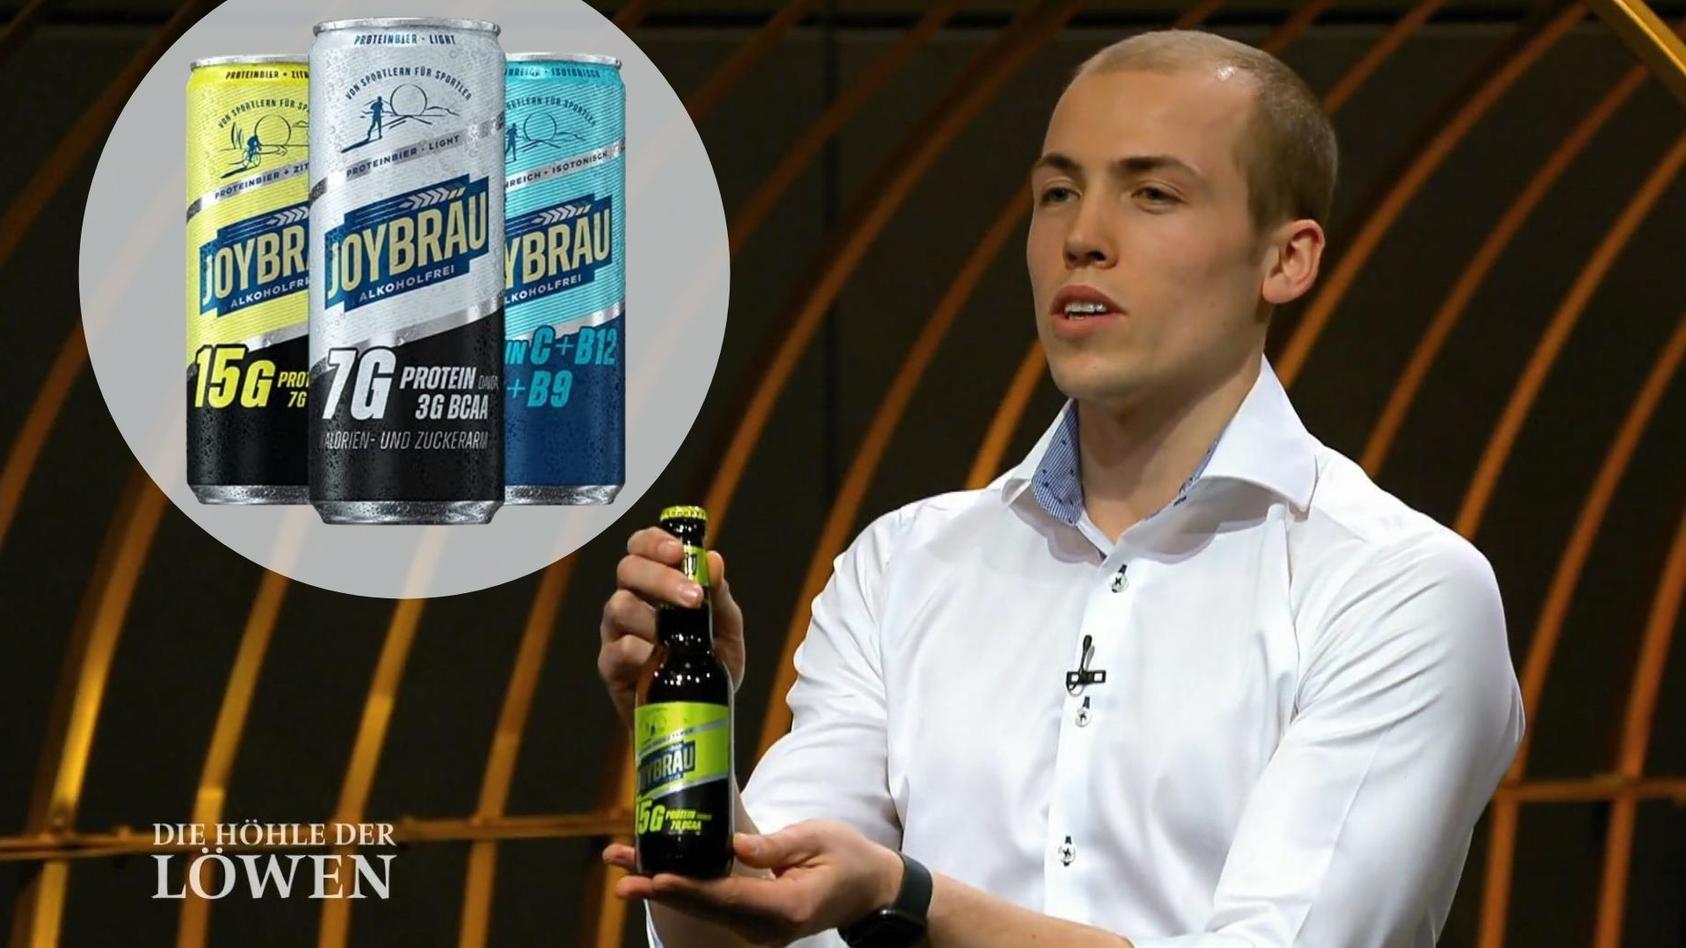 Bei DHDL kam das Proteinbier von JoyBräu gut an.